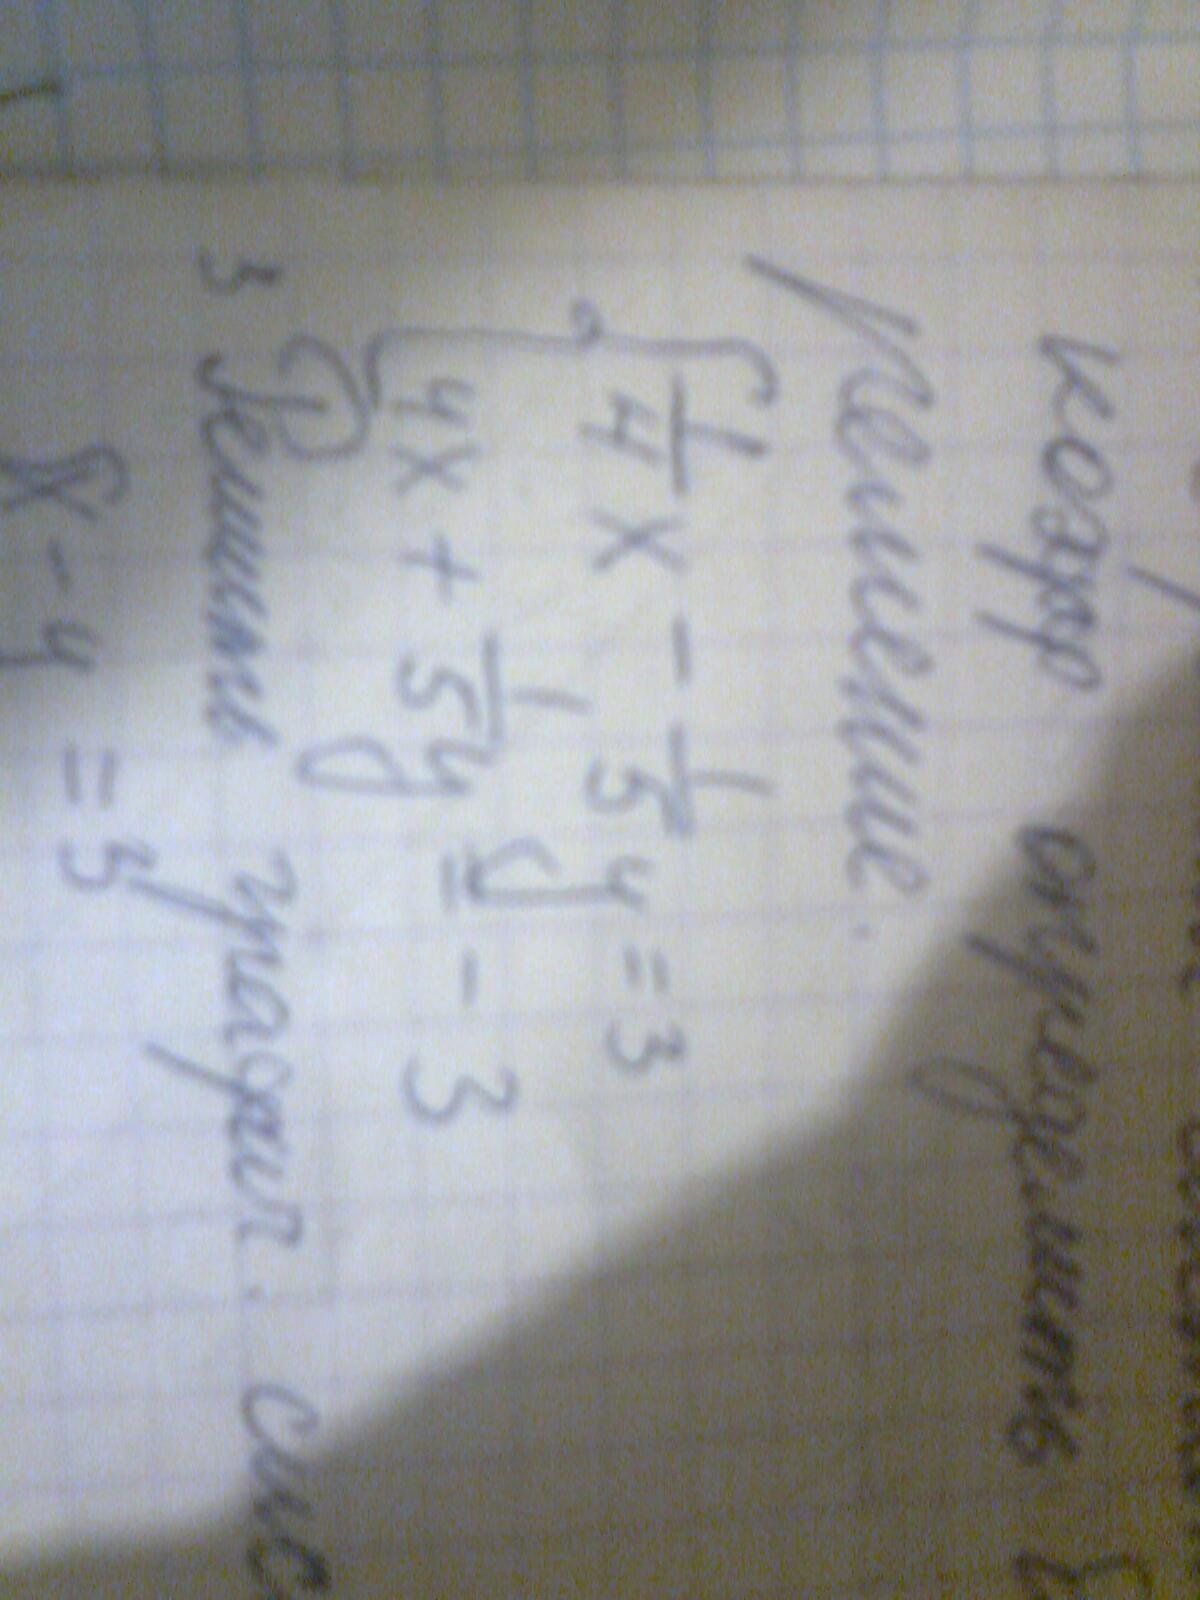 Как не решая систему уравнений по коэффиценту определить имеет ли она решение?